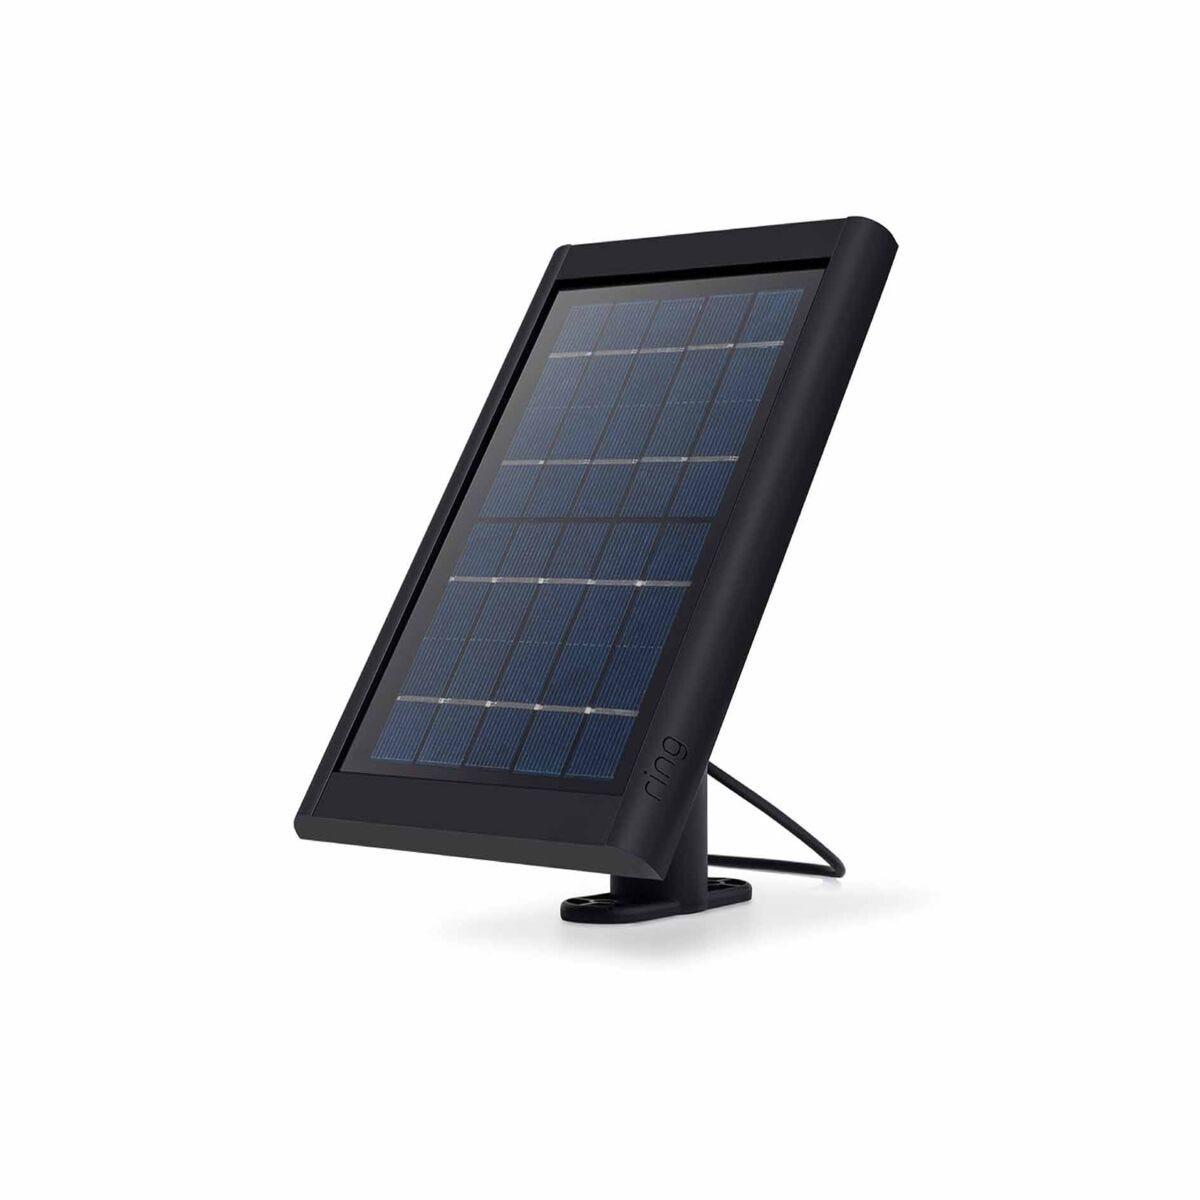 Ring Solar Panel for Spotlight Camera